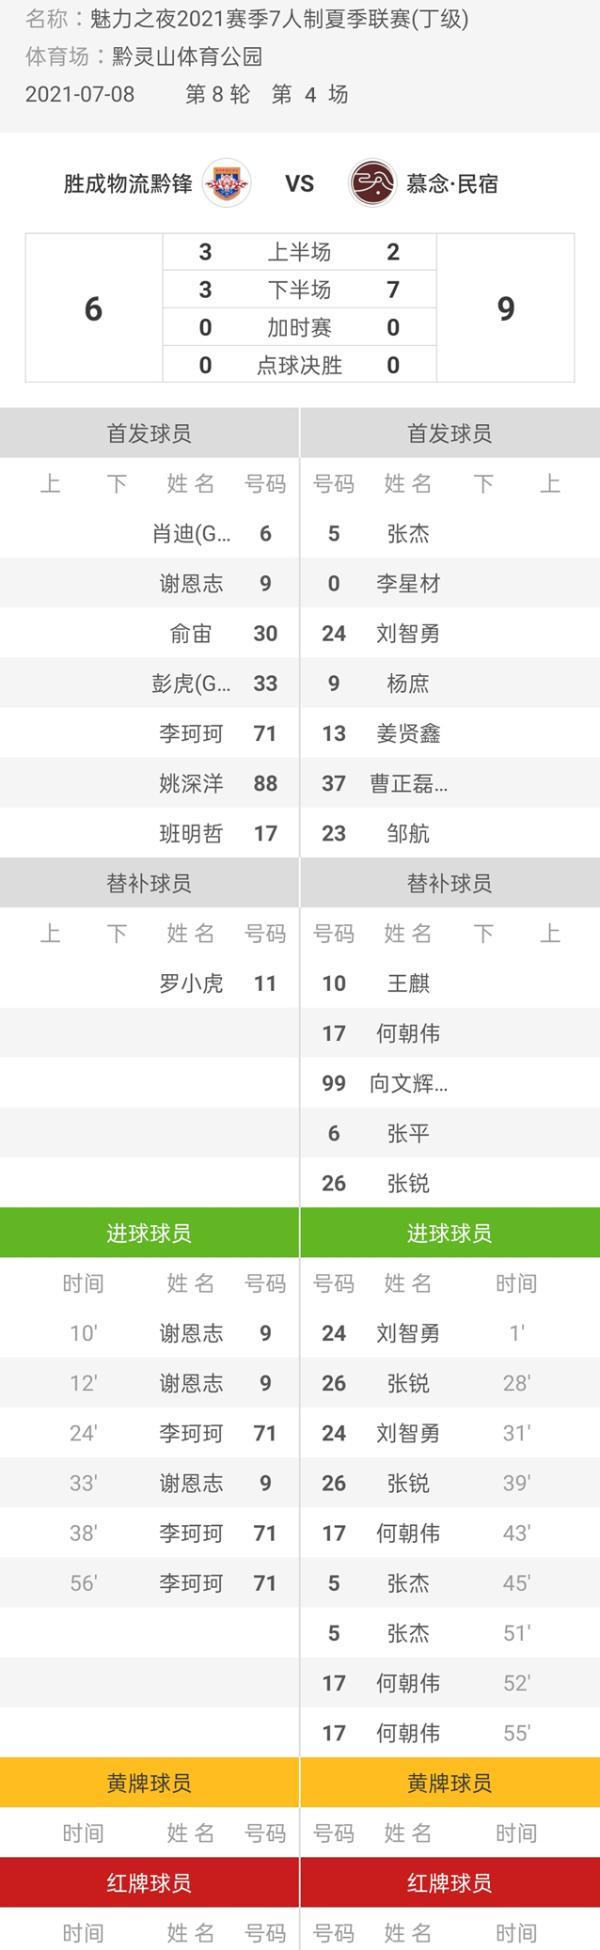 魅力之夜2021赛季7人制足球夏季联赛 黔锋6-9慕念·民宿